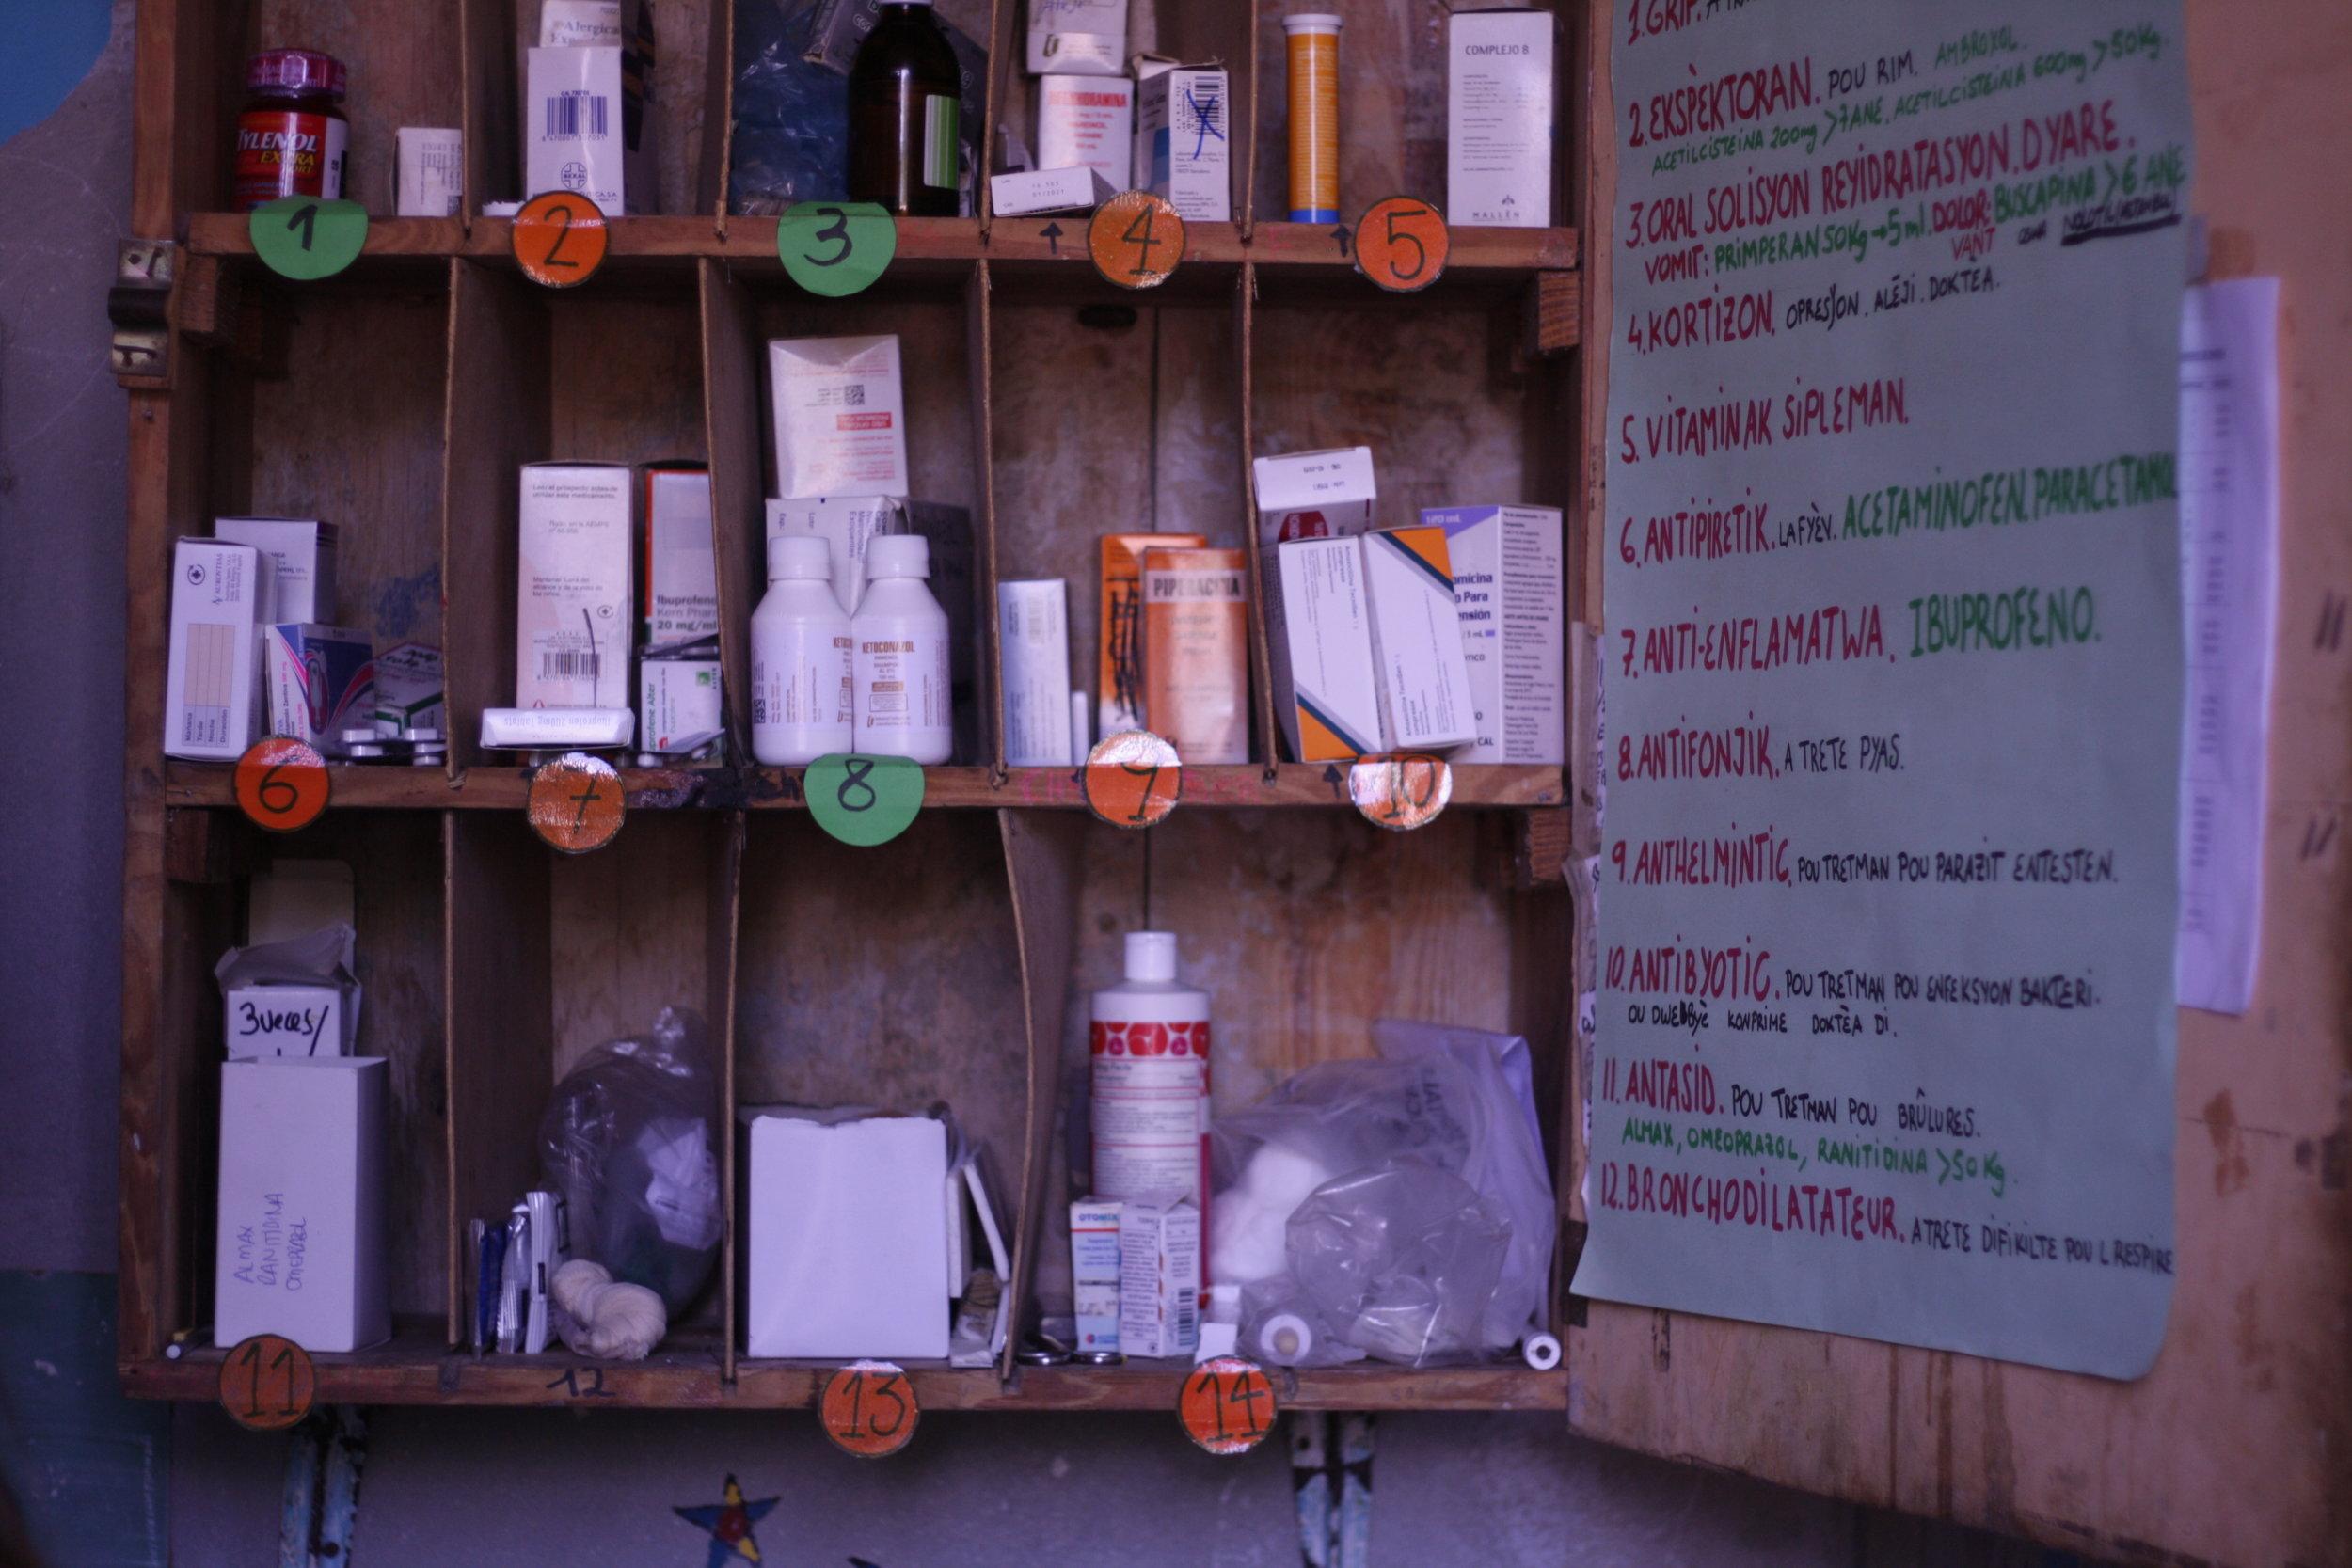 SEGUIMIENTO MÉDICO - Dentro de las labores que realizan los educadores está el seguimiento médico de los niños. Se encargan de darles las medicinas y antibióticos recetados por las enfermeras en horario extra escolar, y de notificar cualquier cambio en su evolución.